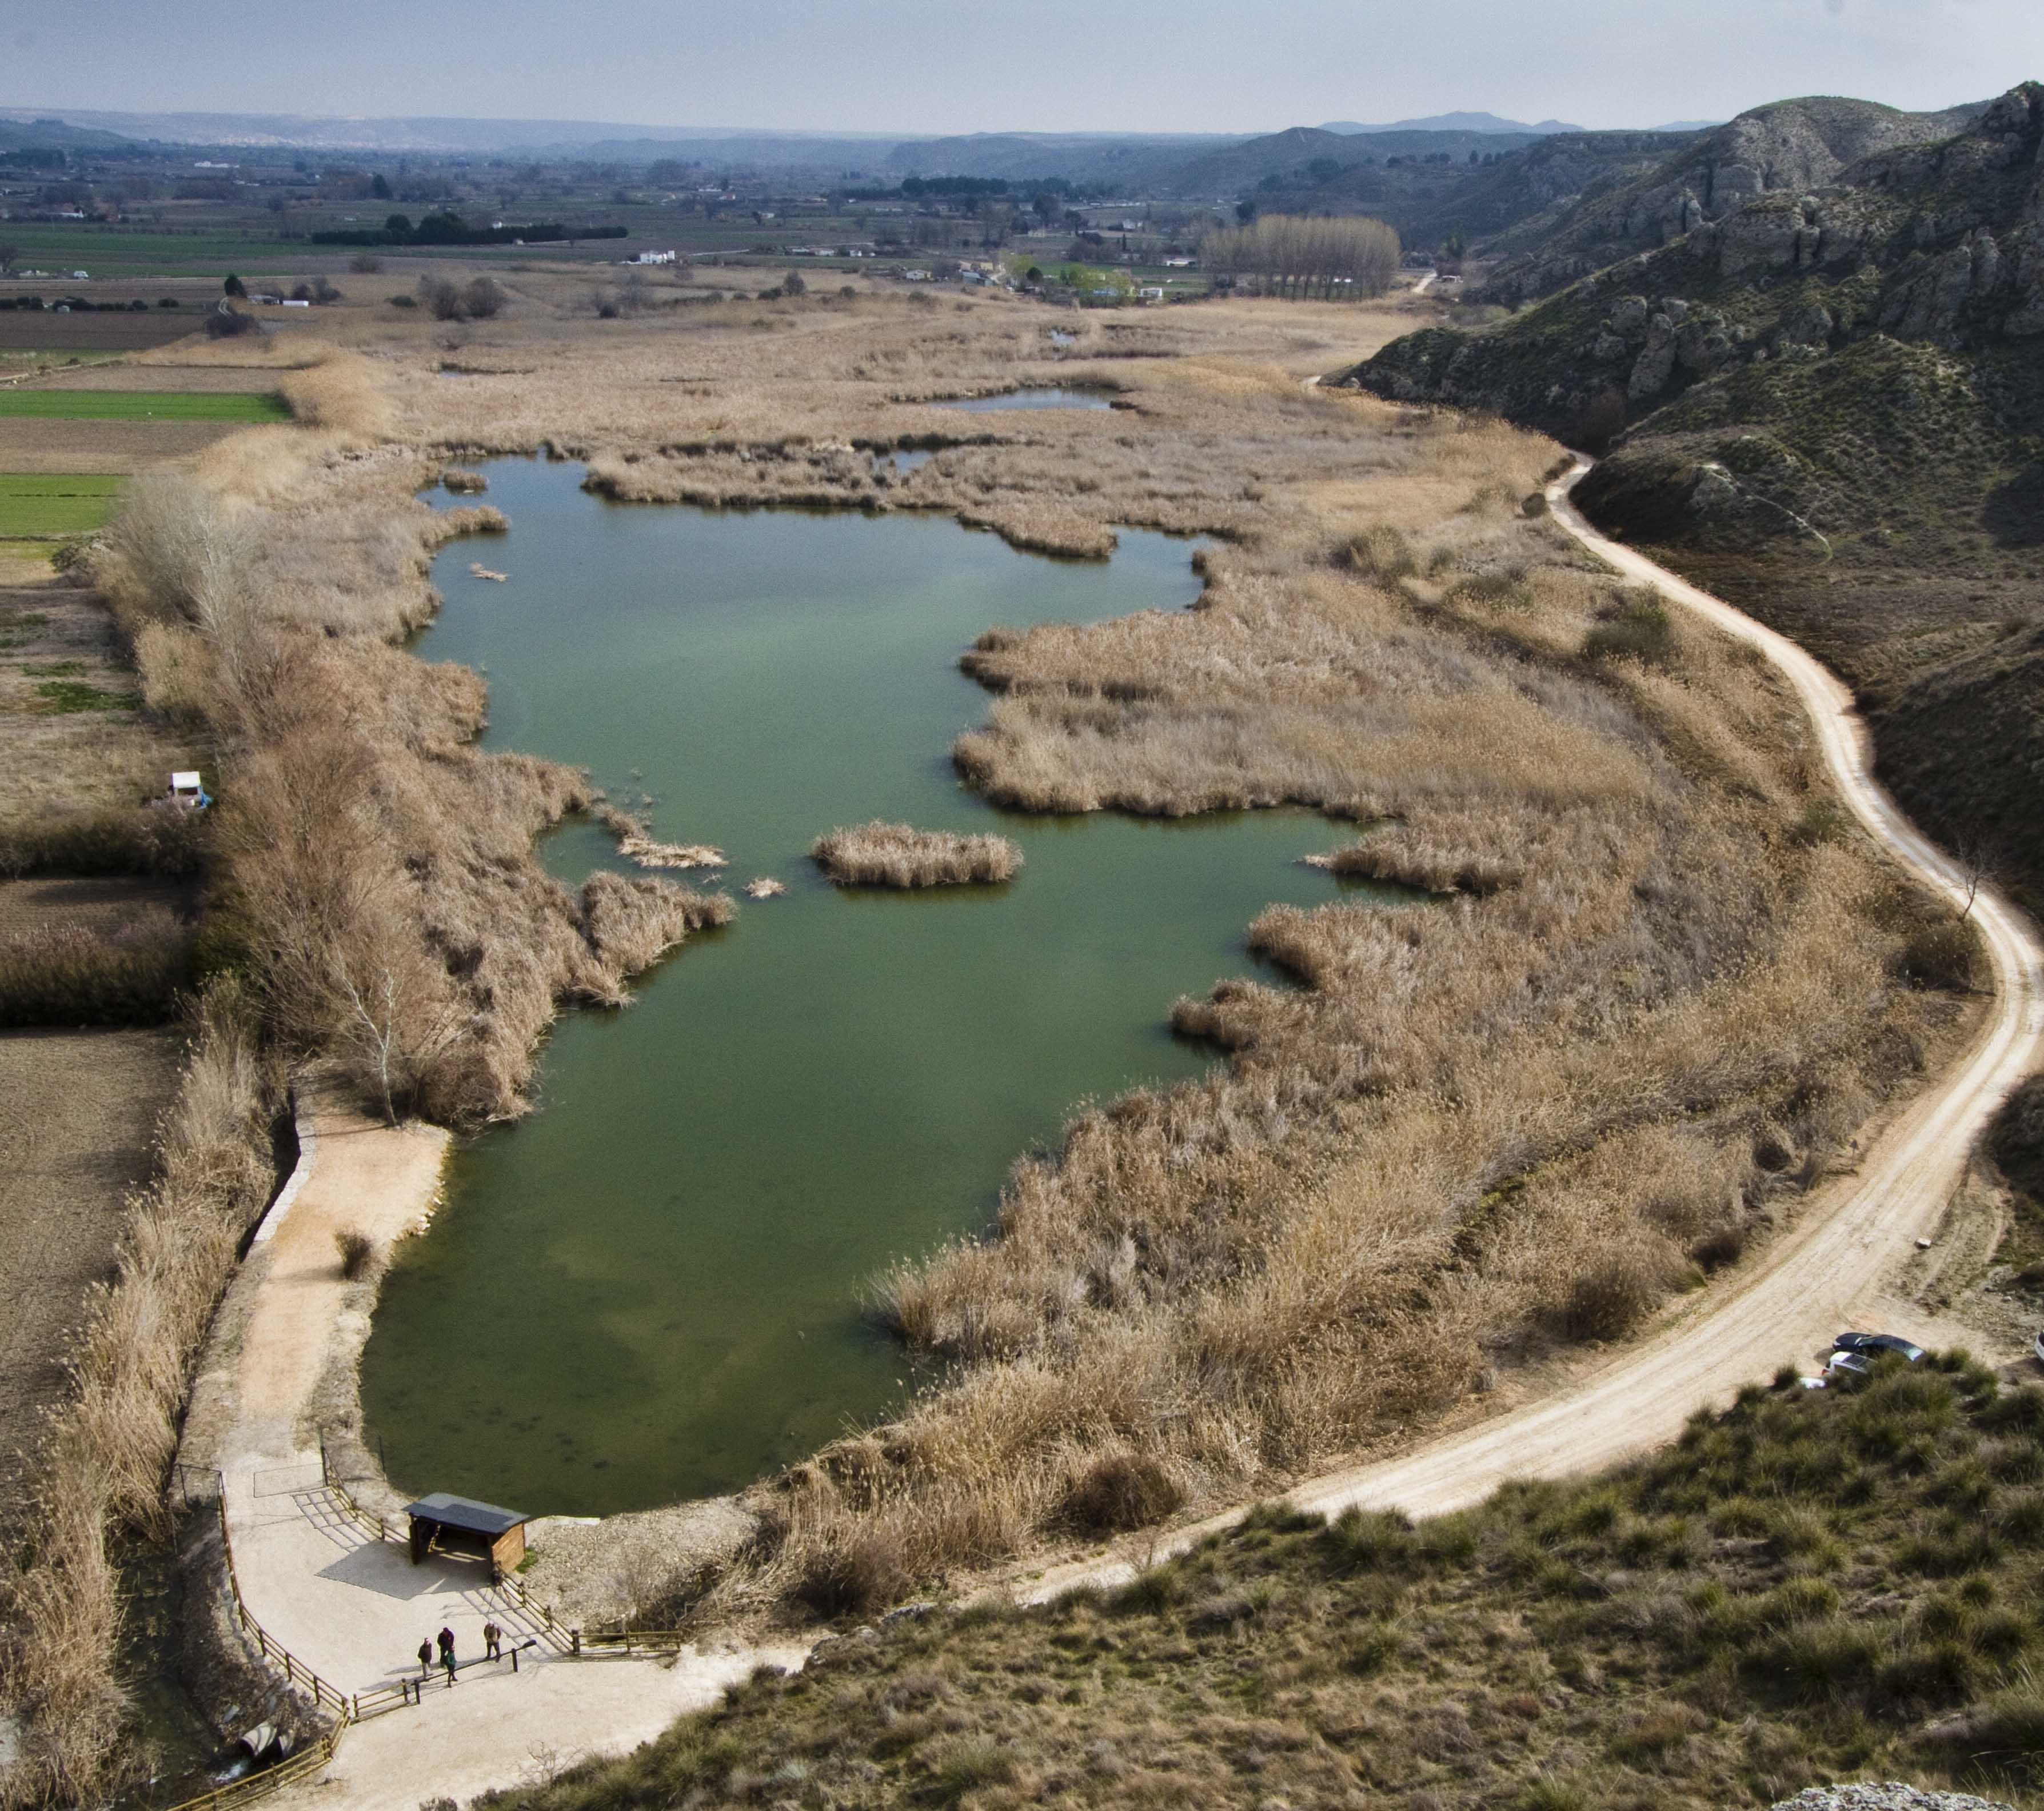 Espacios Naturales Protegidos. Laguna de San Juan. Vista aérea